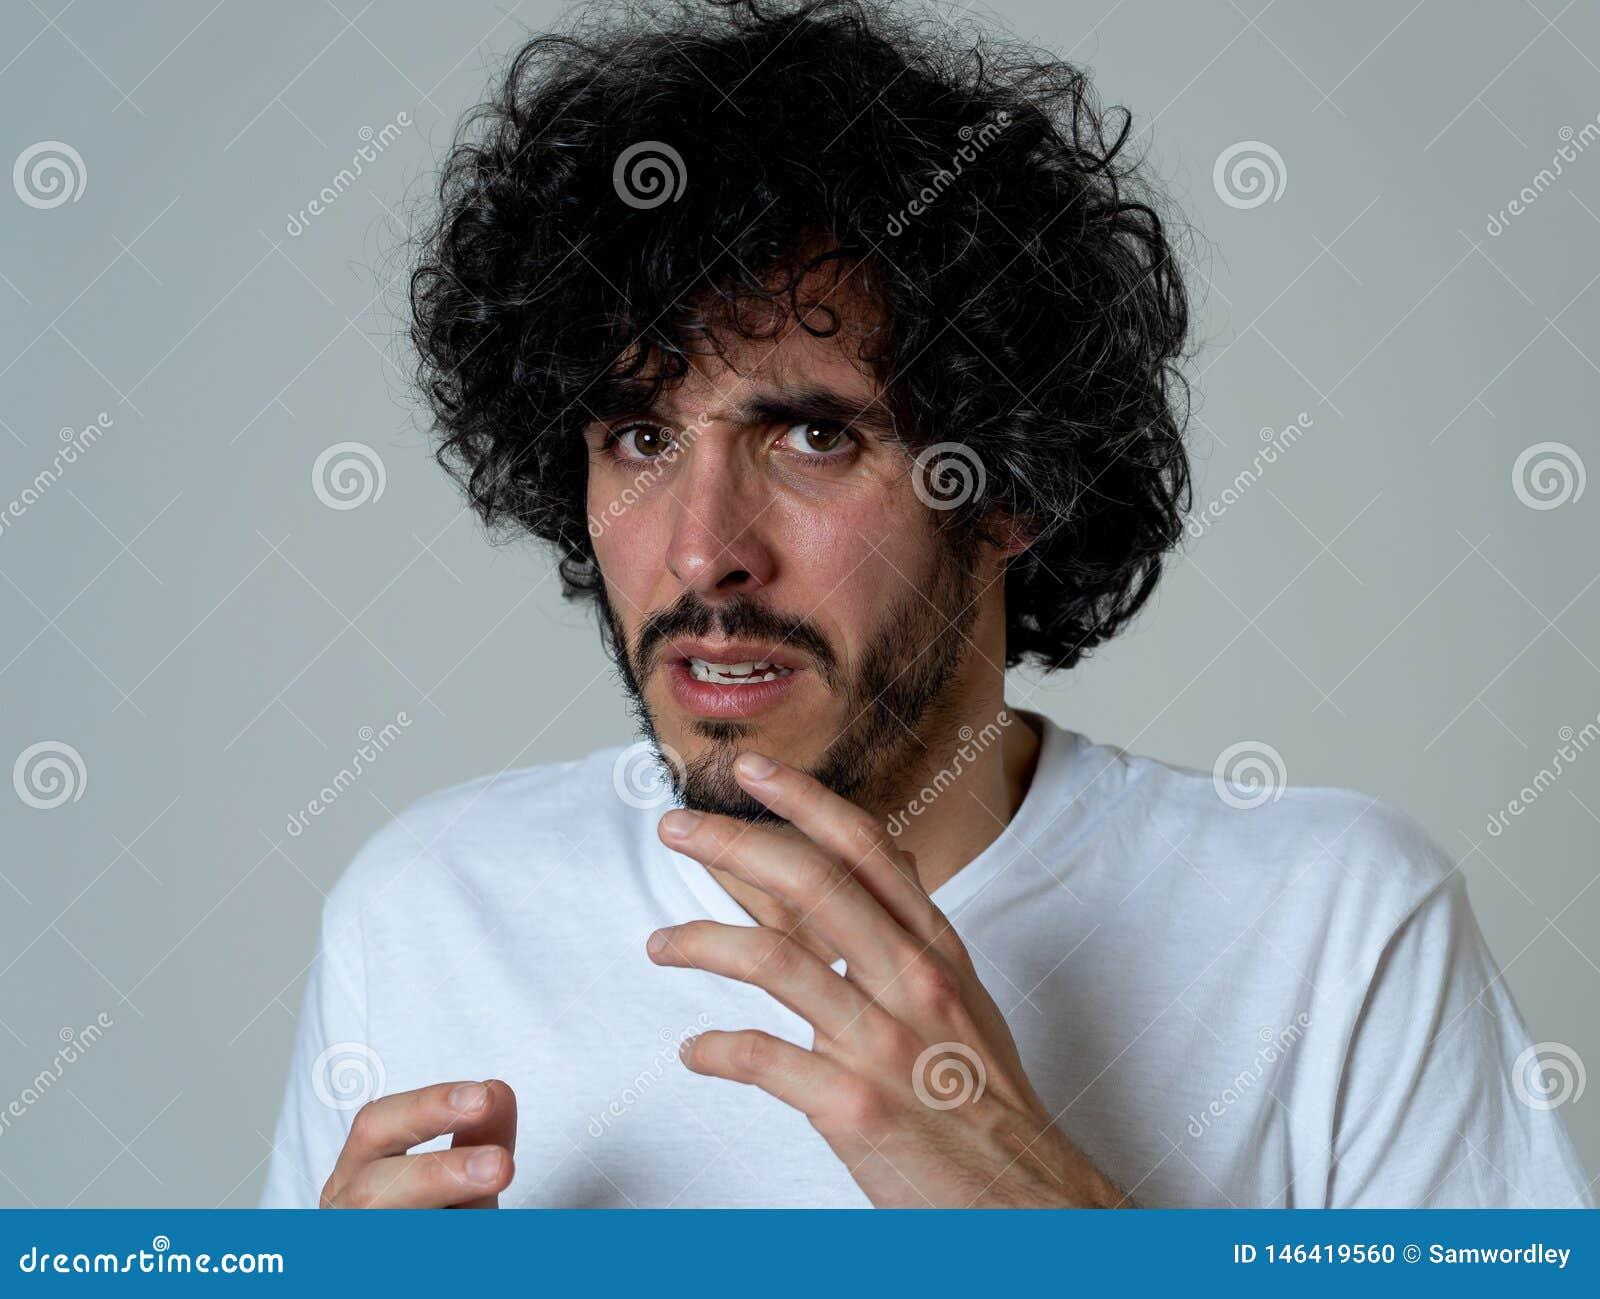 Retrato de un hombre joven que considera chocado y disgustado algo Expresiones y emociones humanas